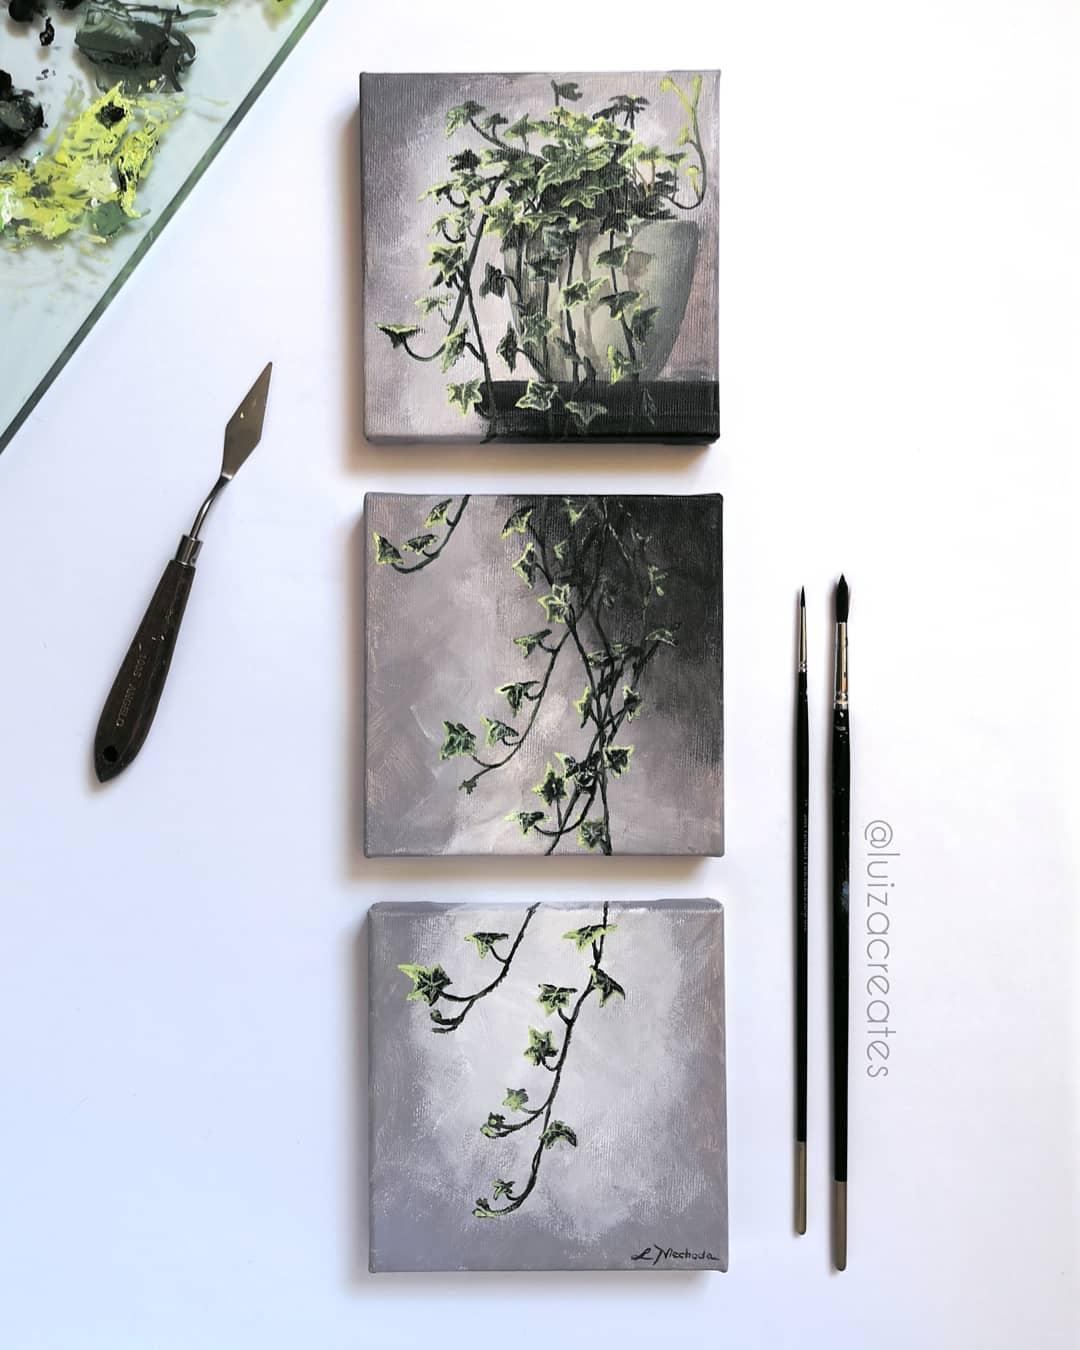 12 painting nature luiza niechoda